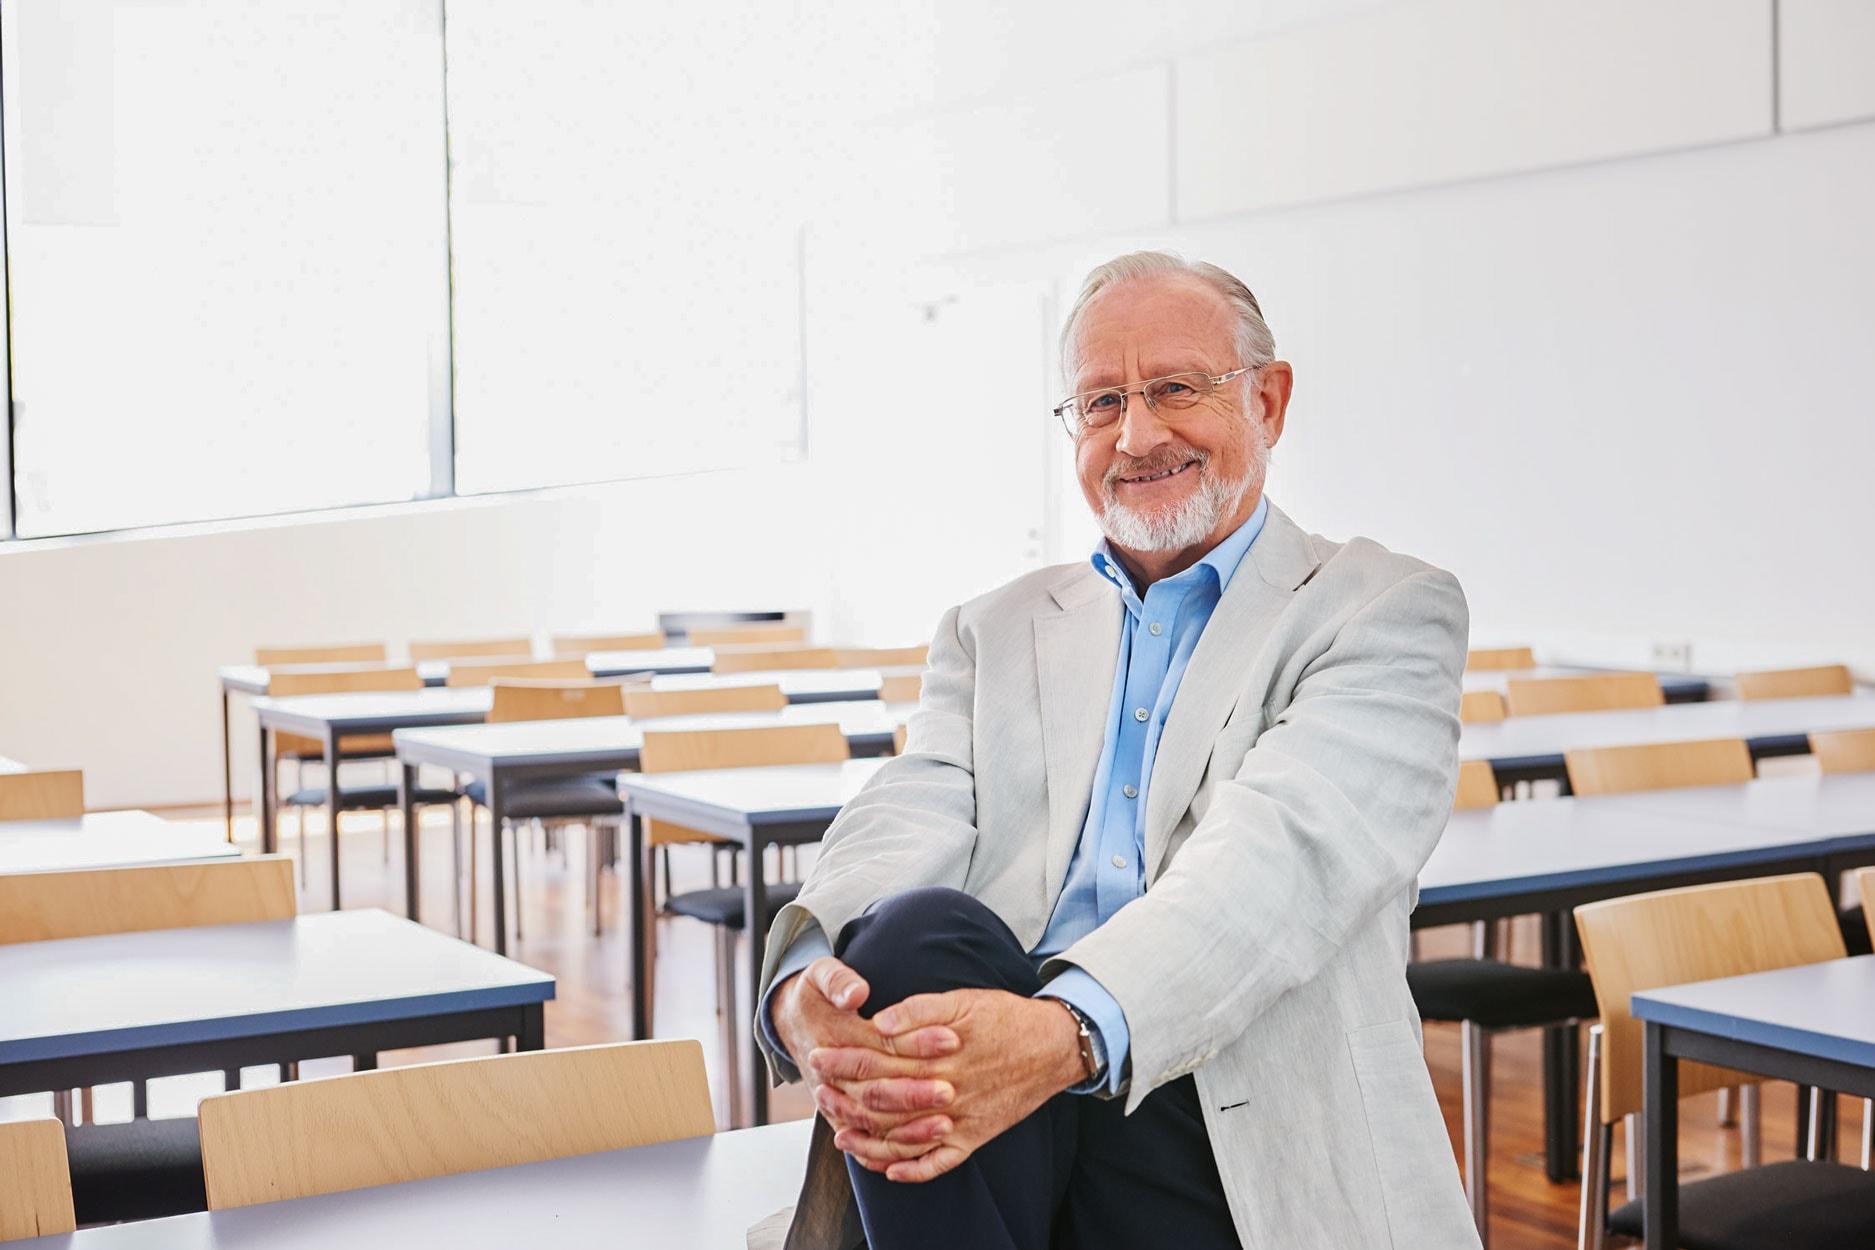 Portrait von einem Forschungsprofessor in einem leeren Hörsaal